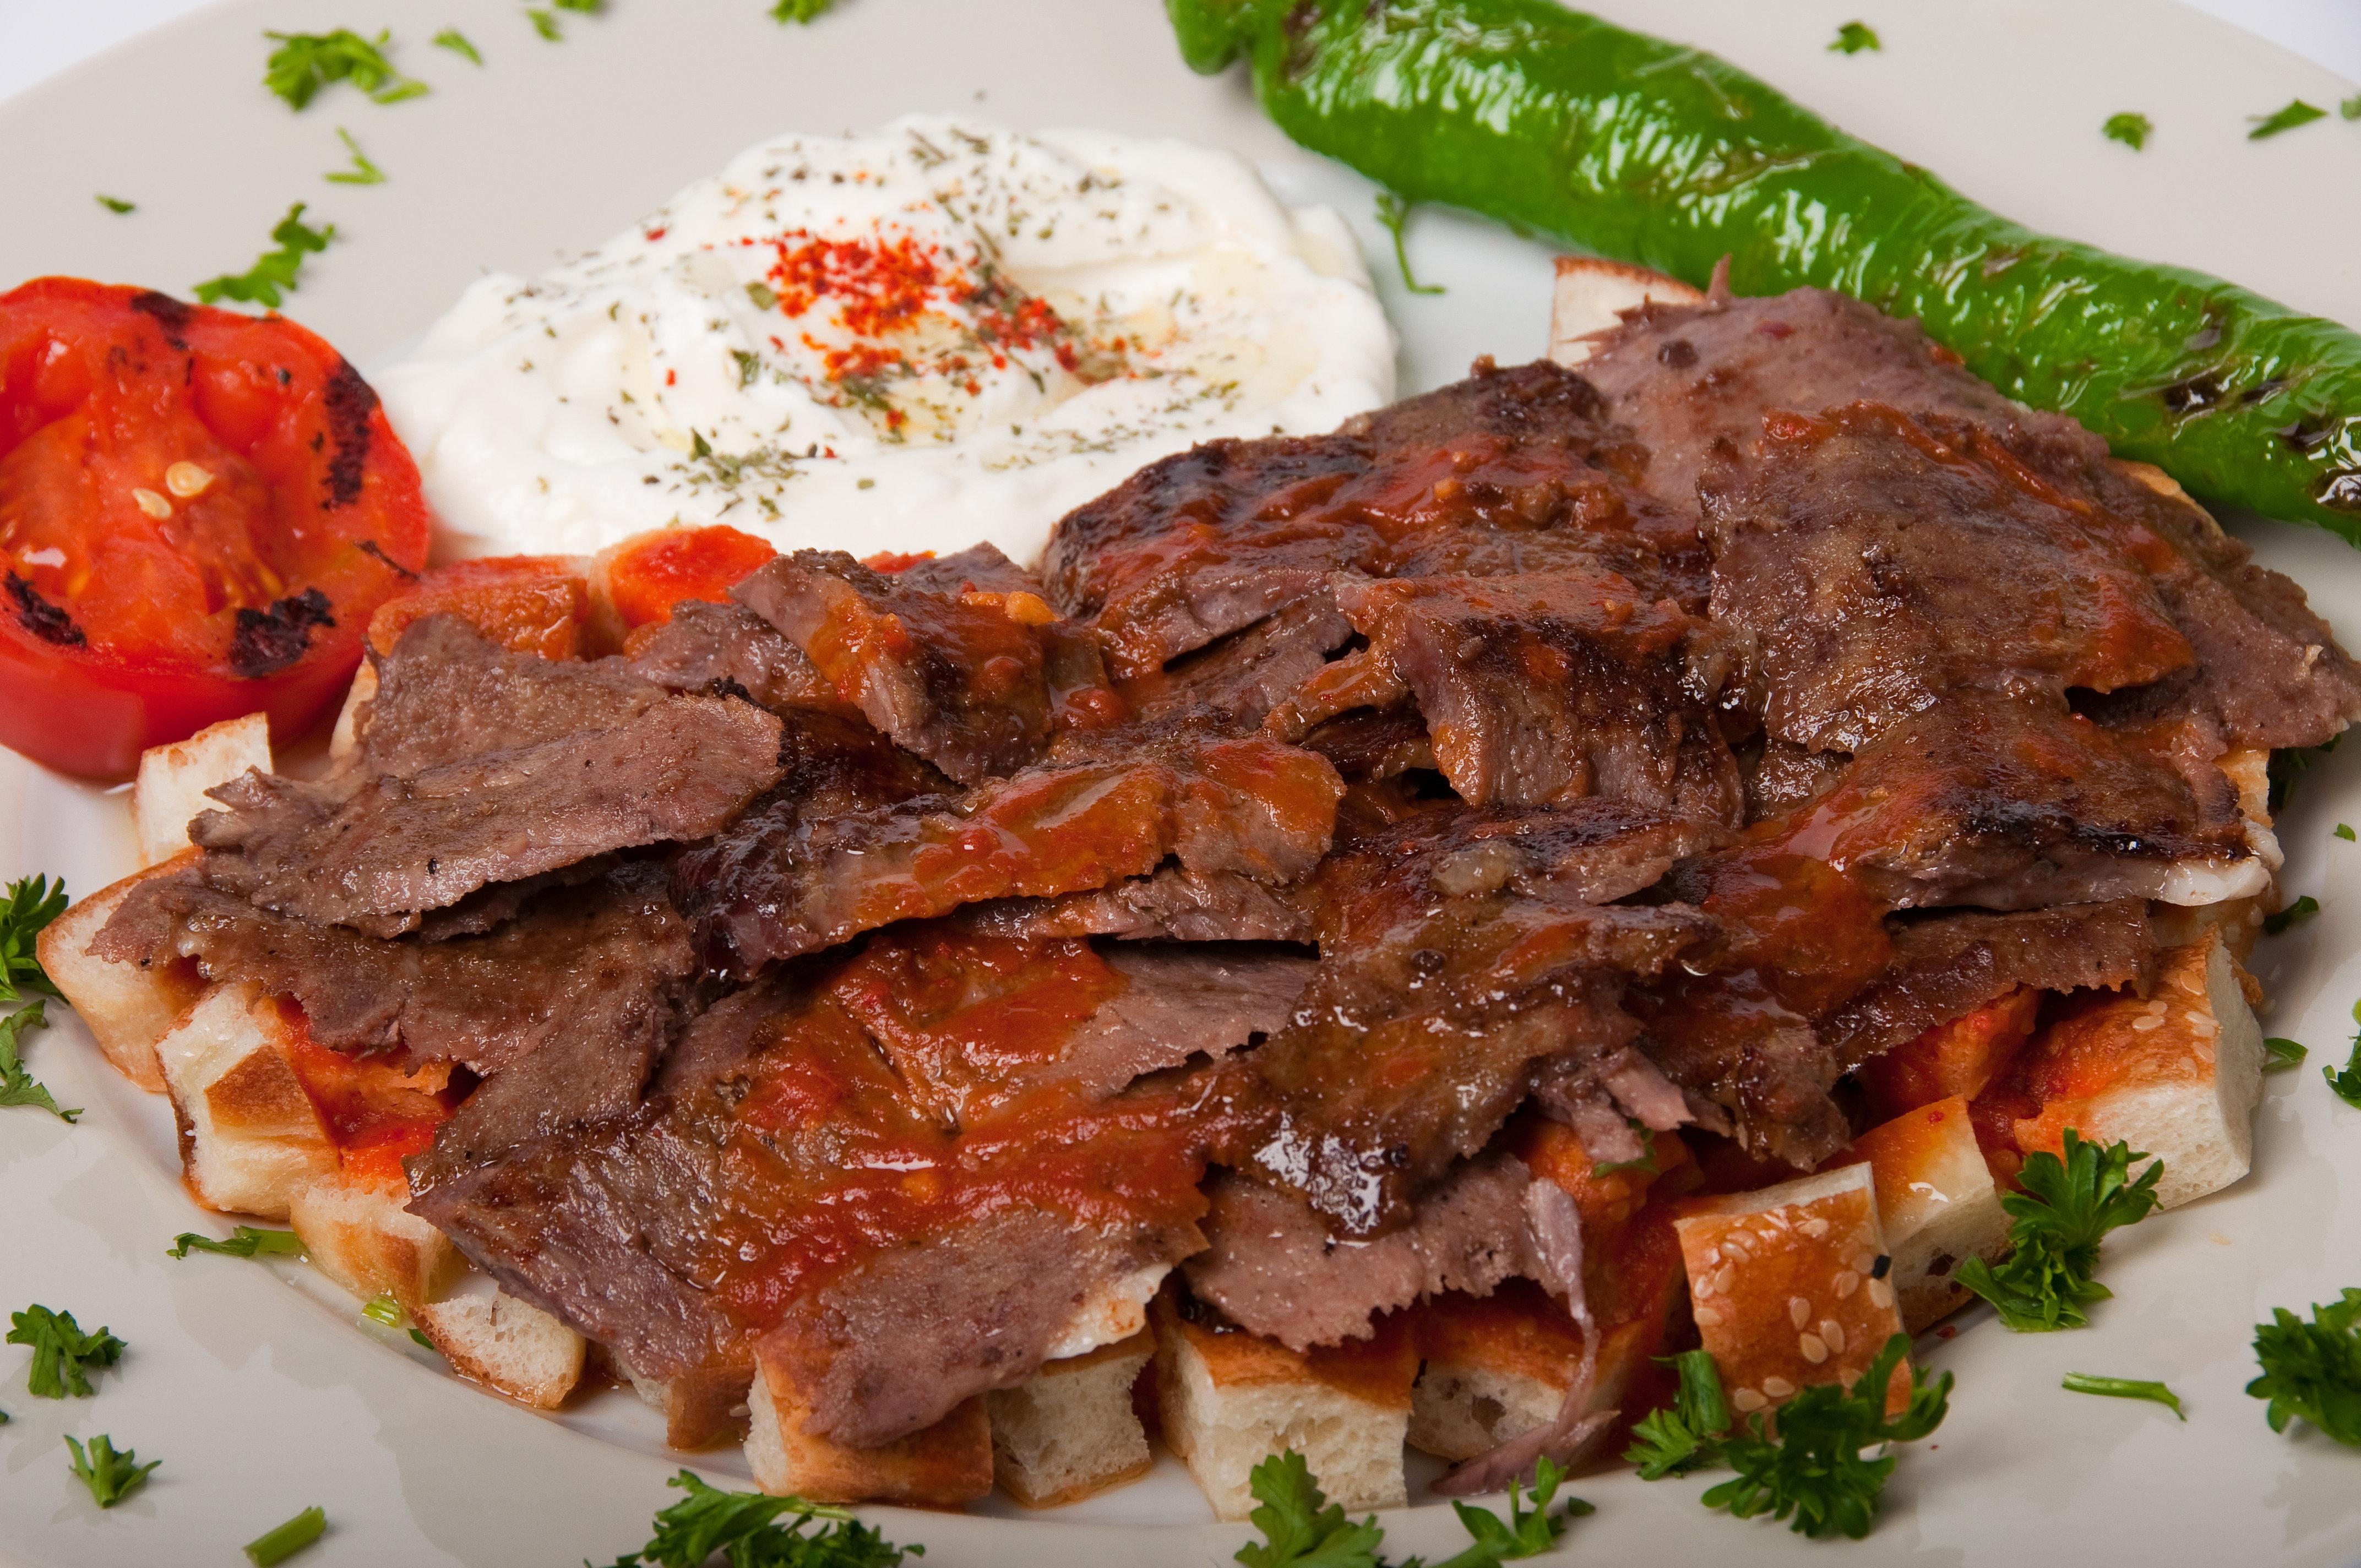 Mersin mediterranean cuisine iskender alexander kebab for Alexander s greek cuisine